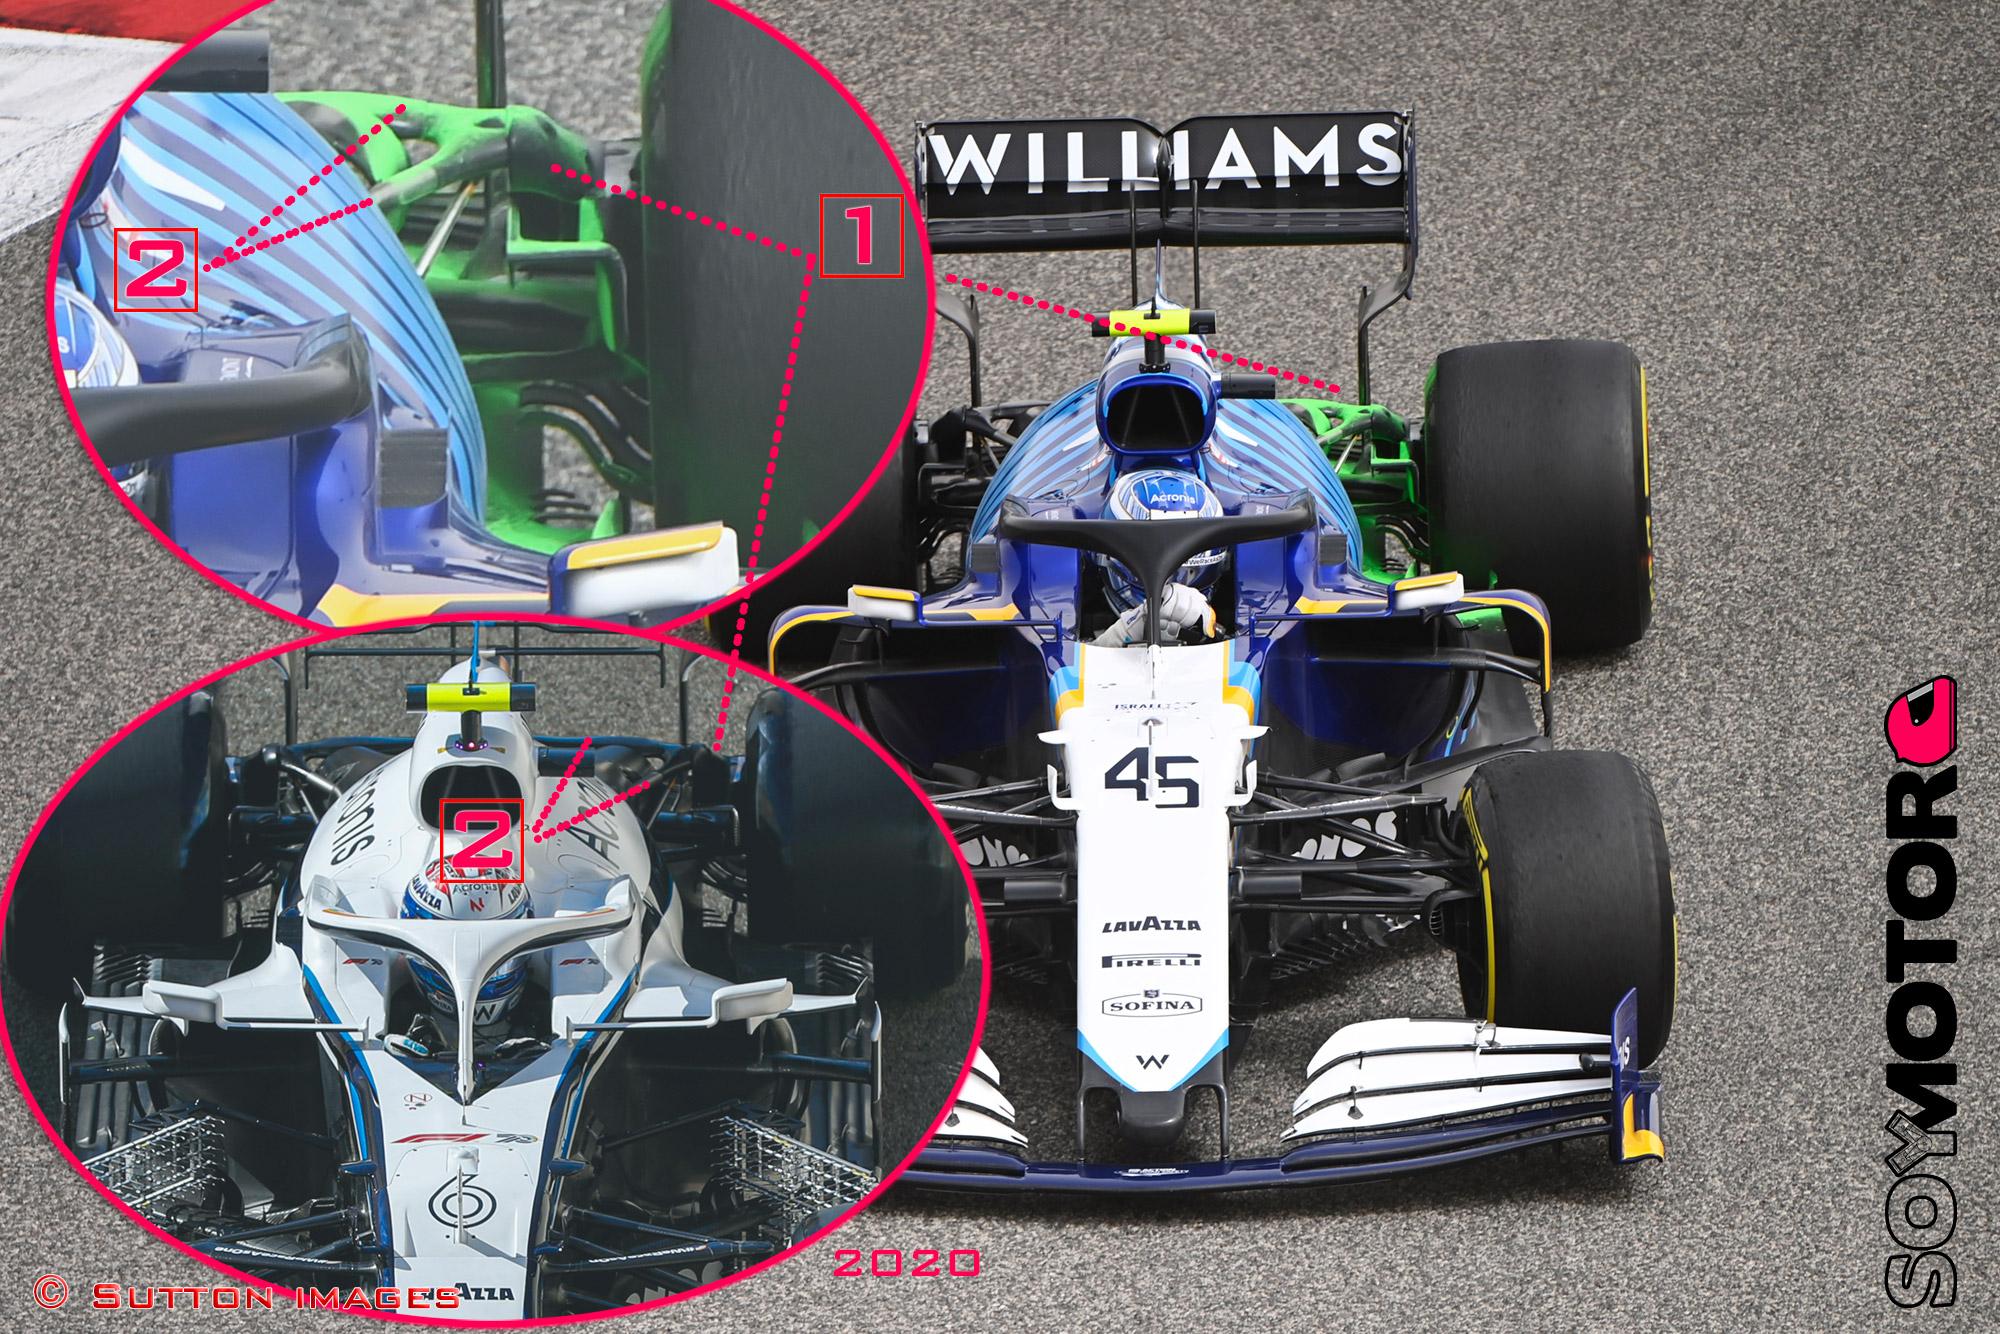 williams-suspension-trasera-y-parafina-soymotor.jpg